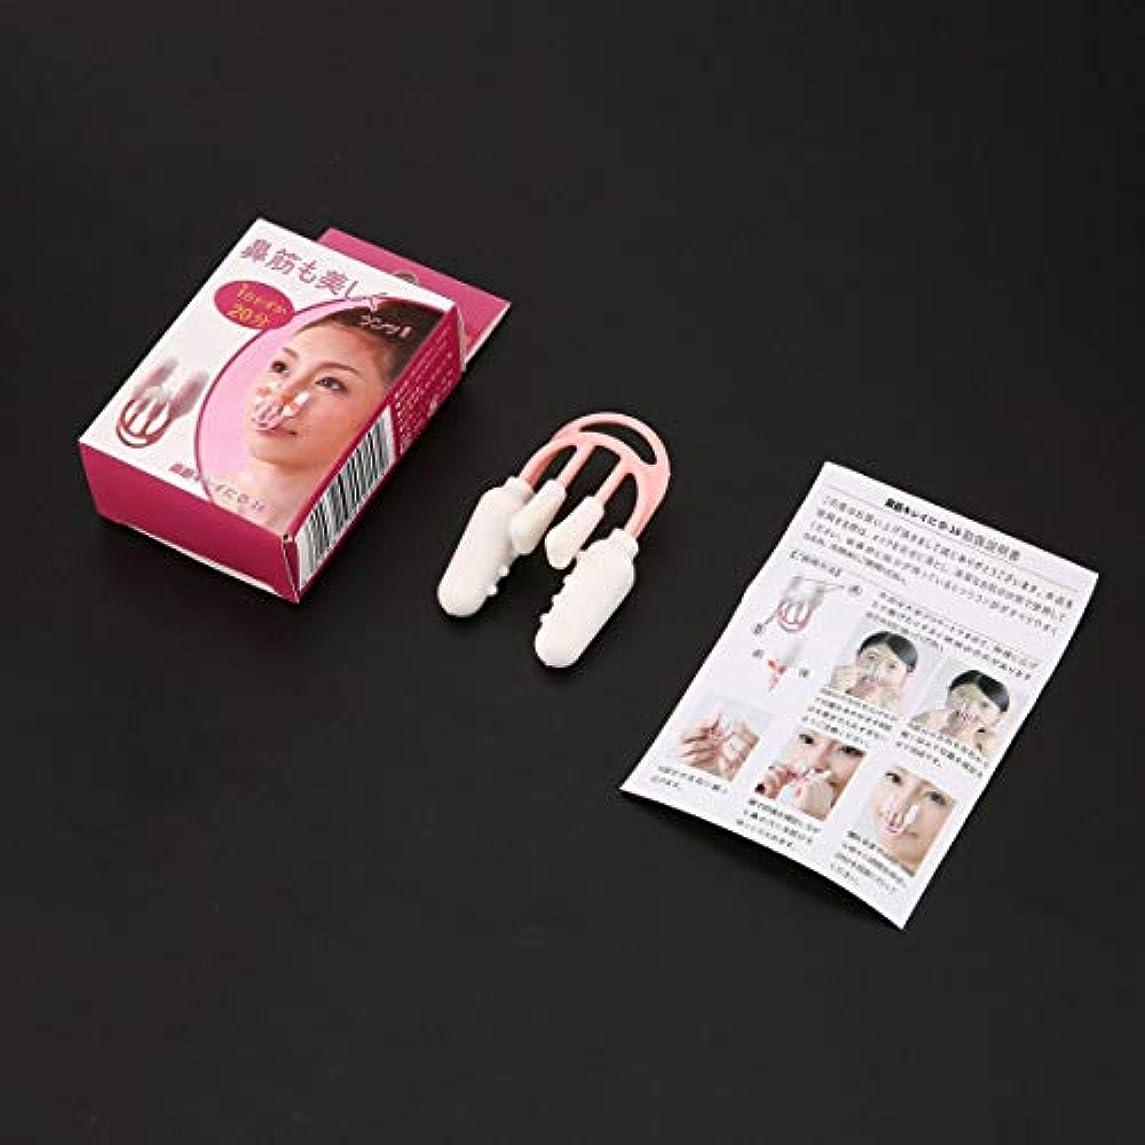 ぼかすハントファシズムノーズアップリフティングシェイピングシェイパークリップノーズクリッパーブリッジ矯正鼻コレクター鼻マッサージャーメイクアップ美容ツール - ホワイト&ピンク